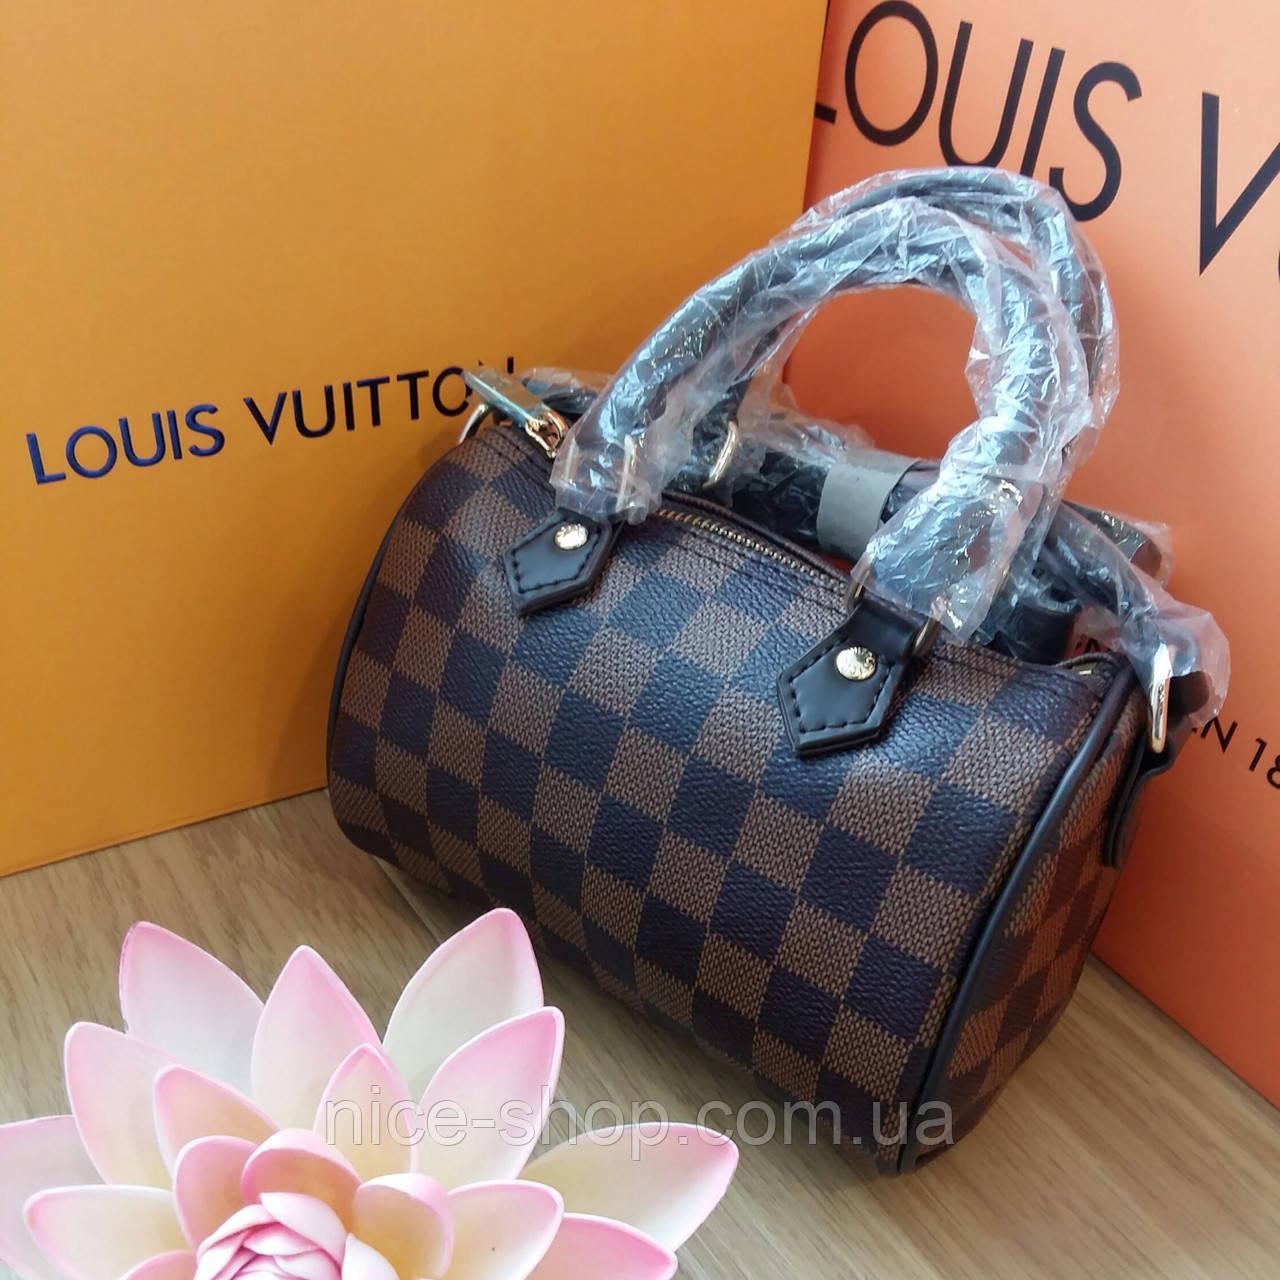 Сумка Люкс-реплика Louis Vuitton Speedy Micro,коричневая клетка